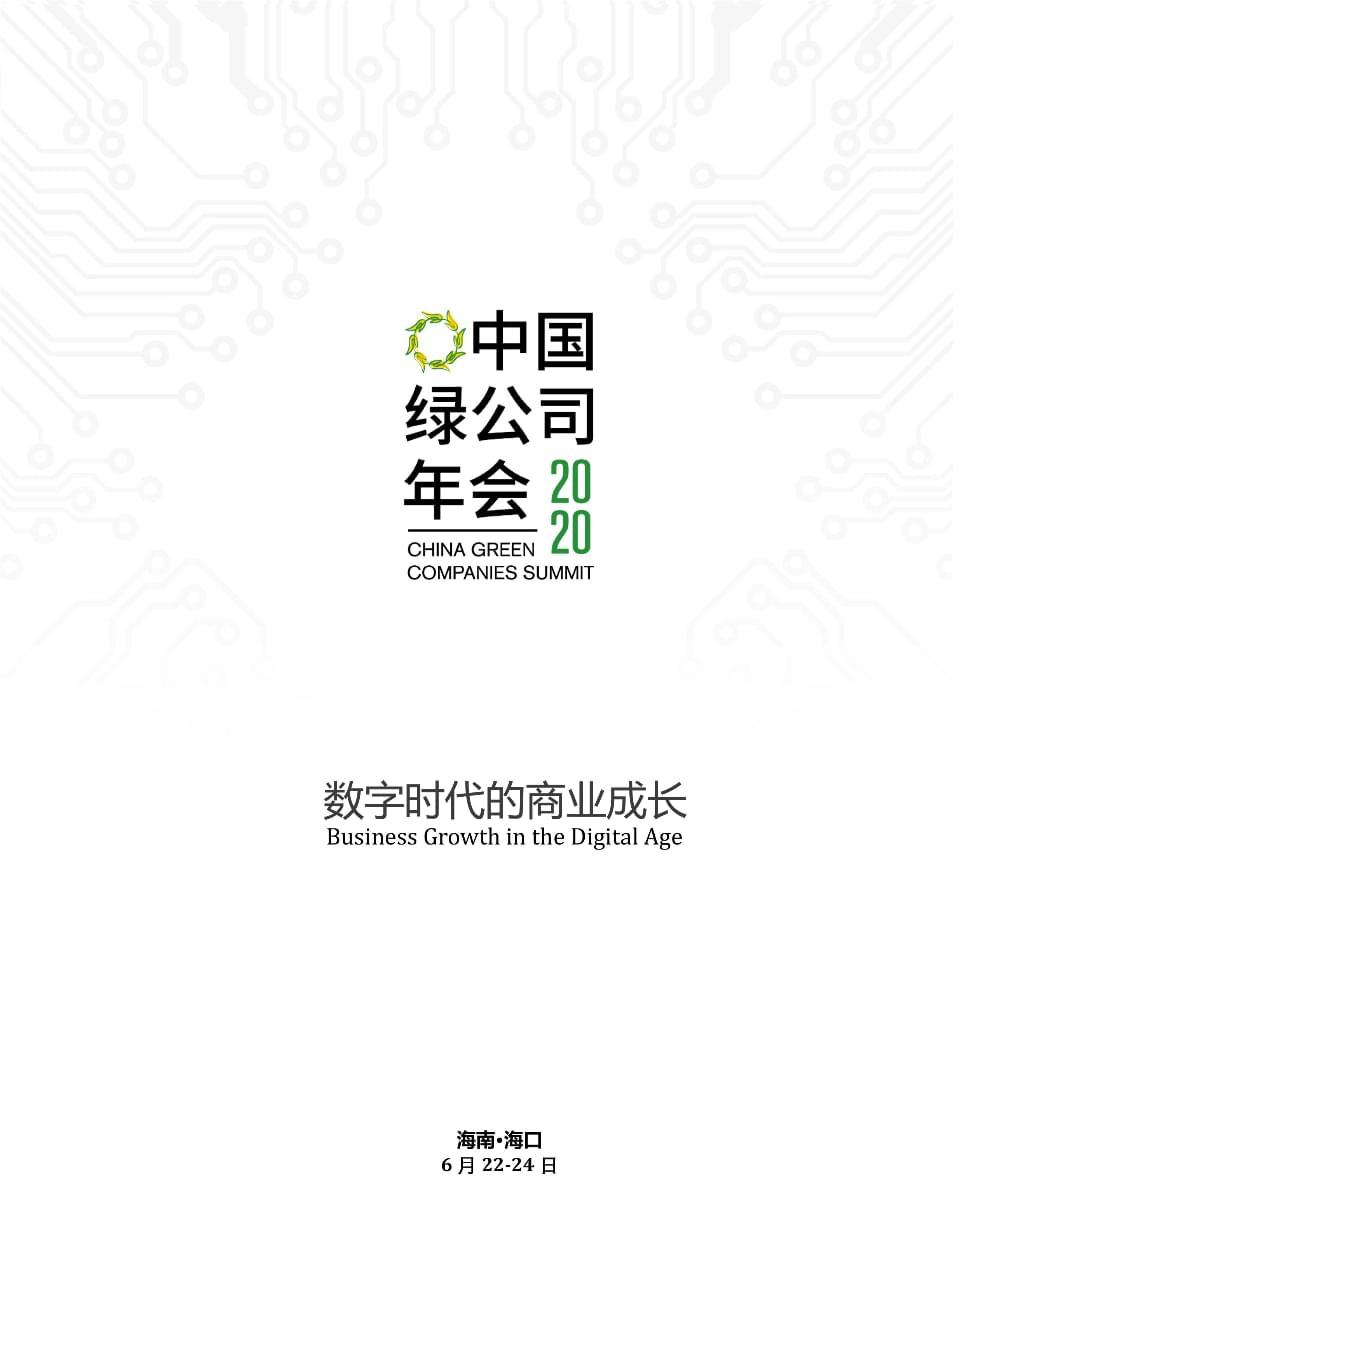 2020中国绿公司年会邀请函模版.pptx